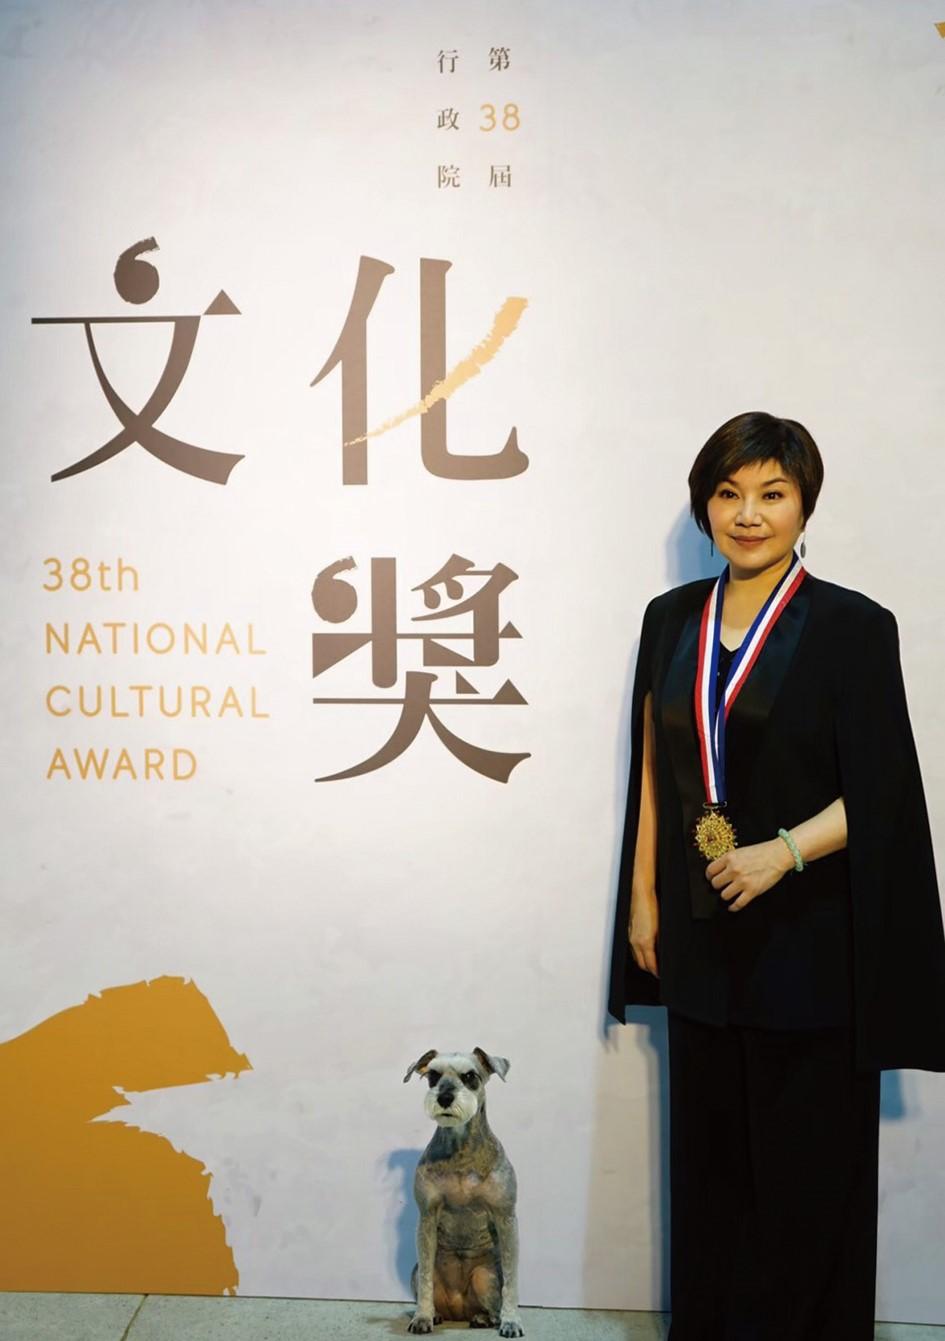 唐美雲獲頒行政院文化獎後表示,最初她只是個不了解歌仔戲的戲班囡子,首次登台代打後,從父母身上看見對台灣文化與歌仔戲的熱情與執著。01.jpg